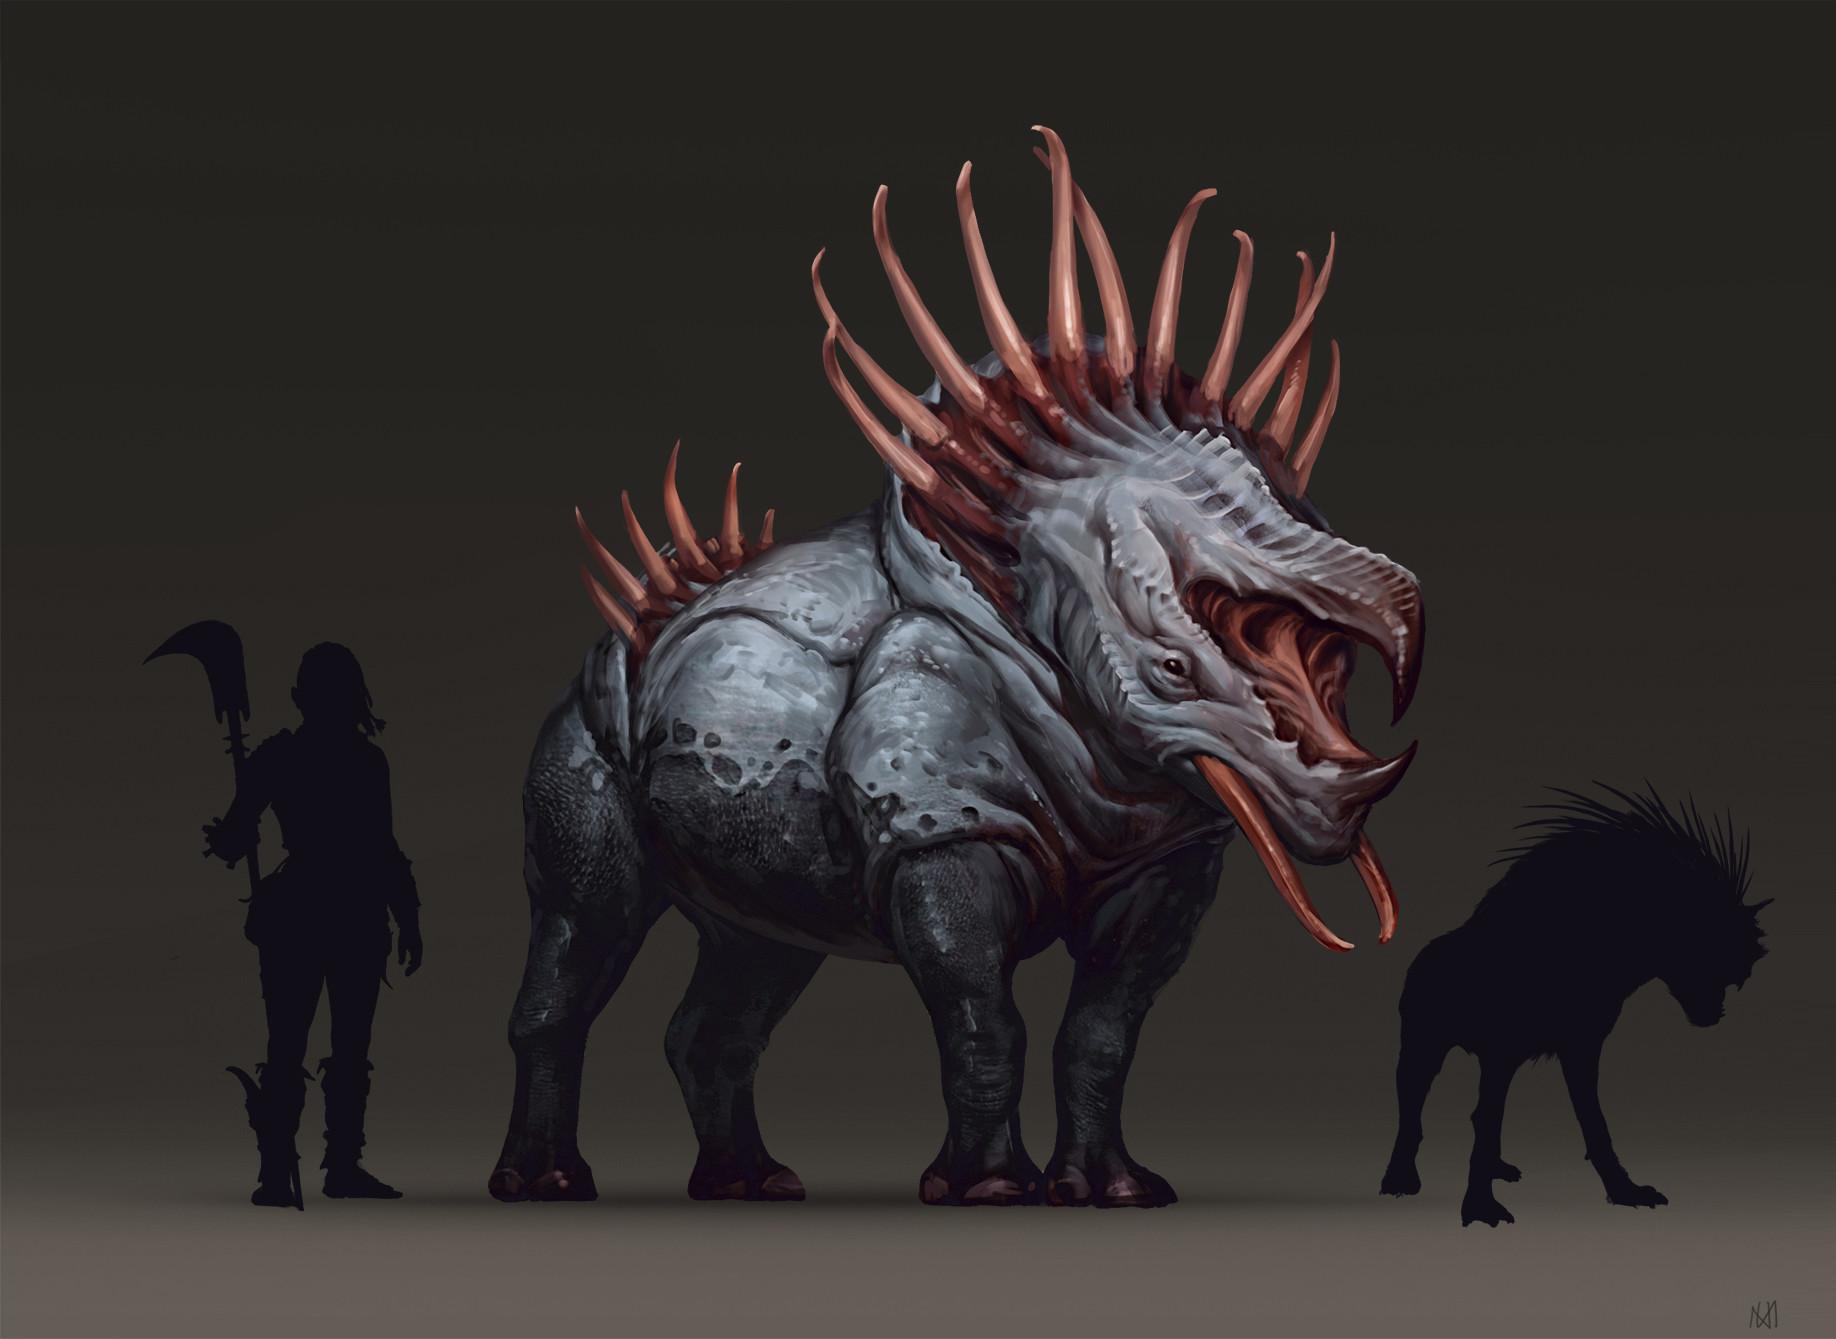 Nagy norbert hrino creature